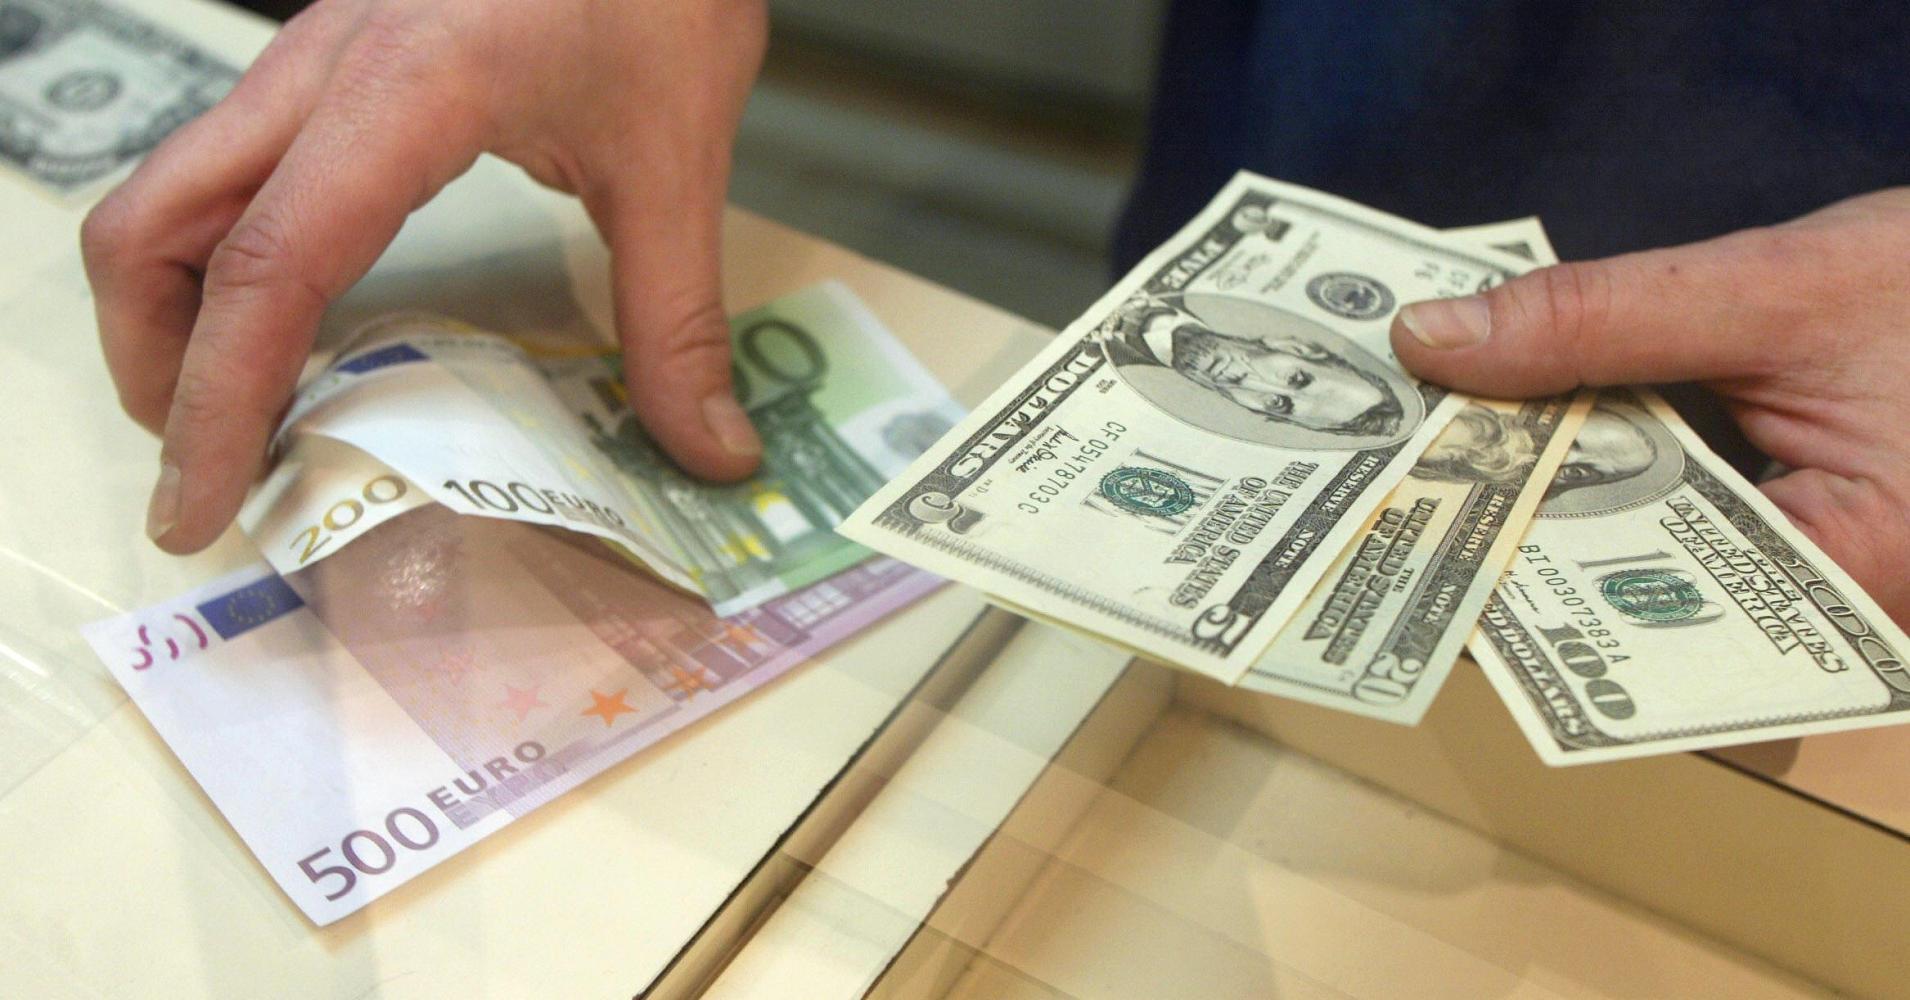 قیمت دلار و یورو در بازار امروز چهارشنبه ۱۸ تیرماه ۹۹/ دلار صرافی بانکی دوباره رکورد زد